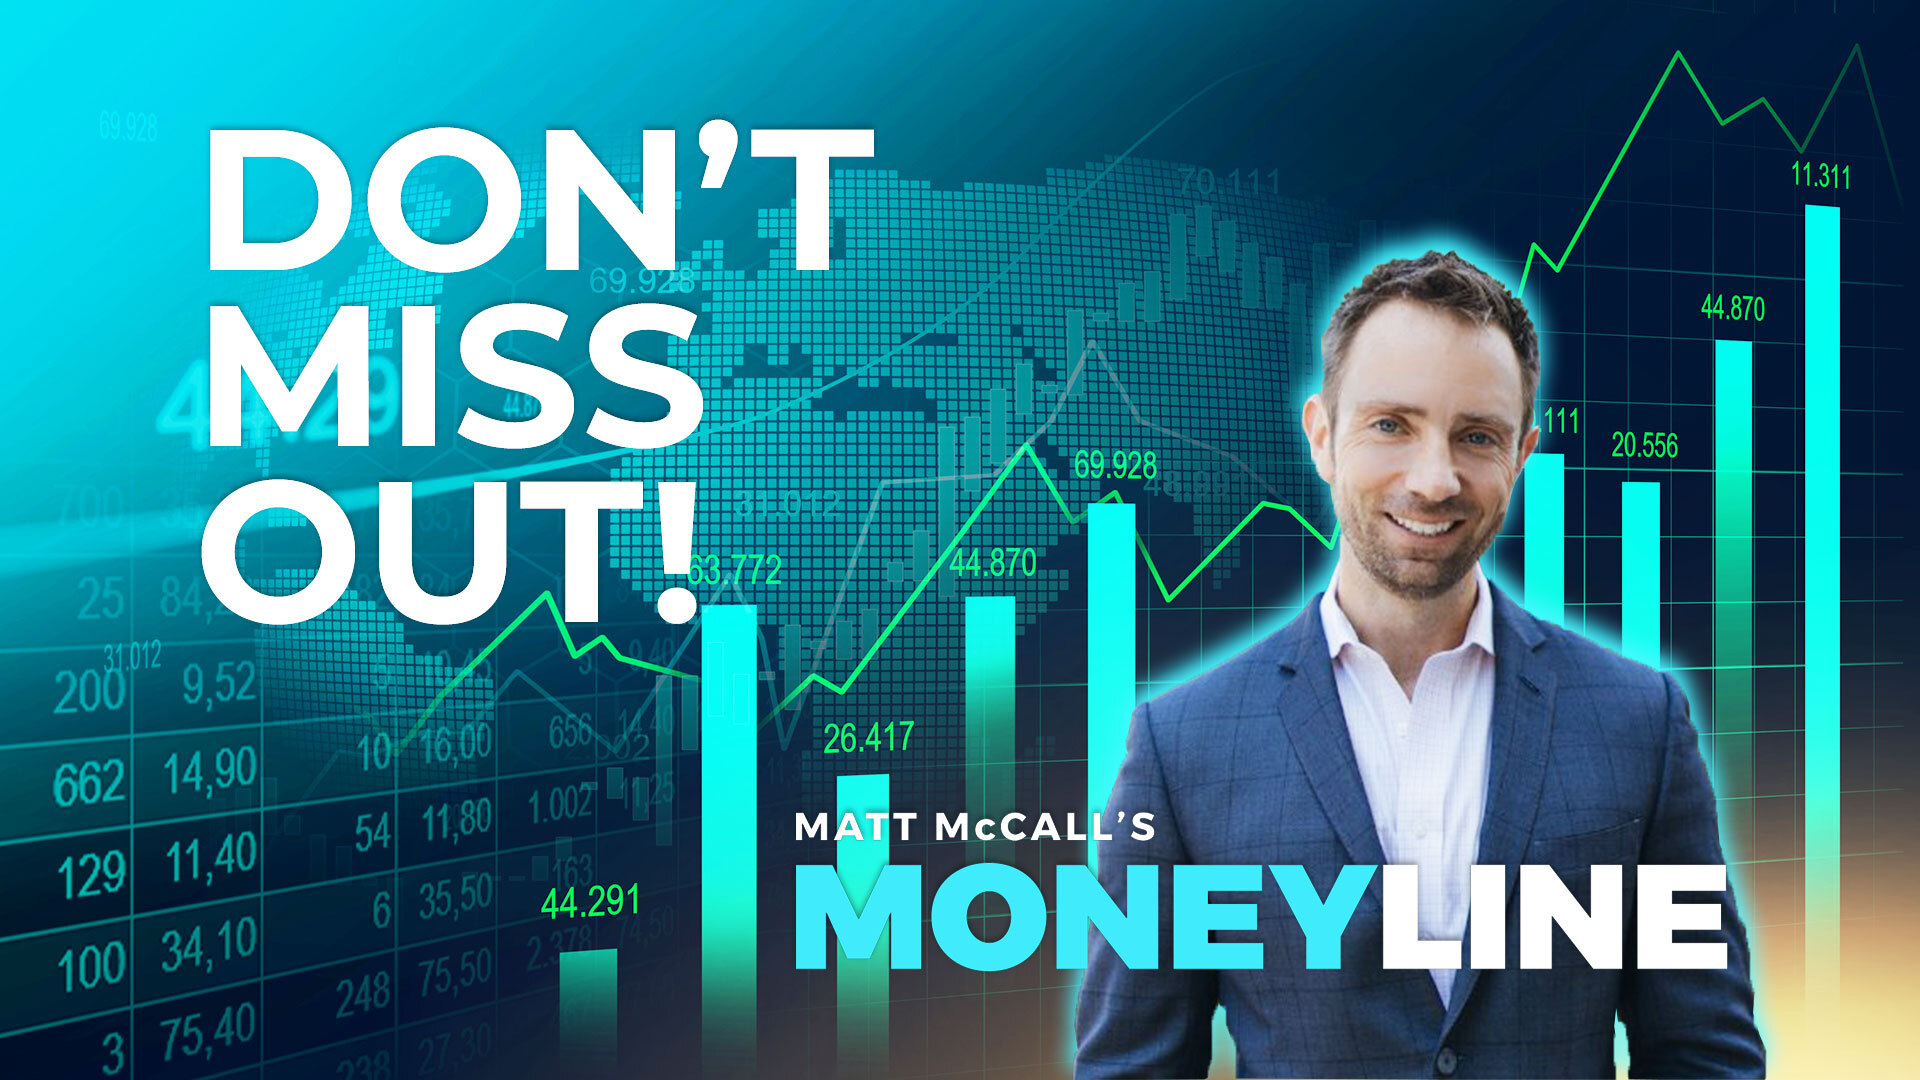 Matt McCall's Moneyline: Don't Miss Out!